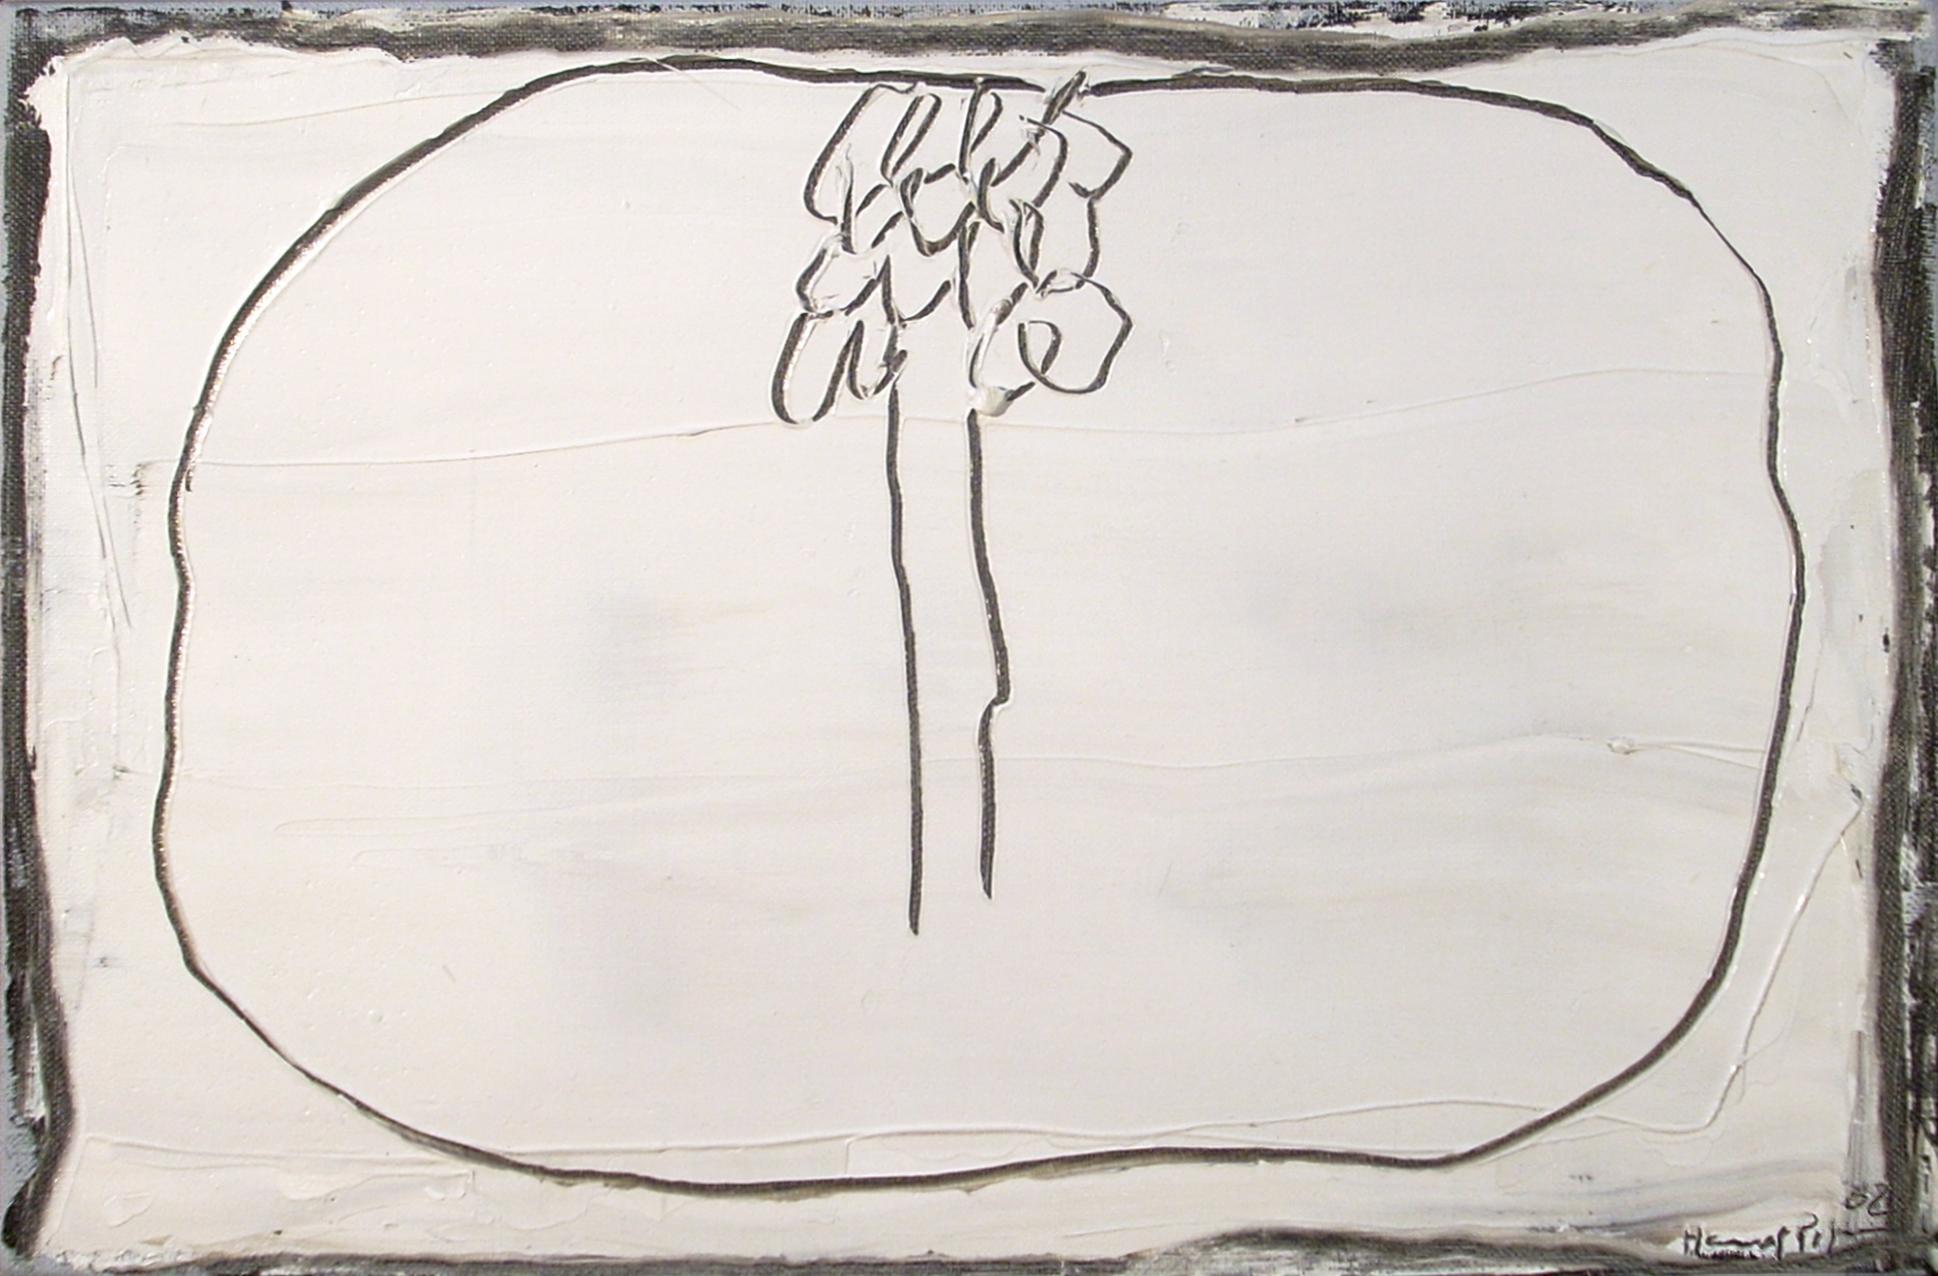 Petit blanc y arbre (2002) - Joan Hernández Pijuan